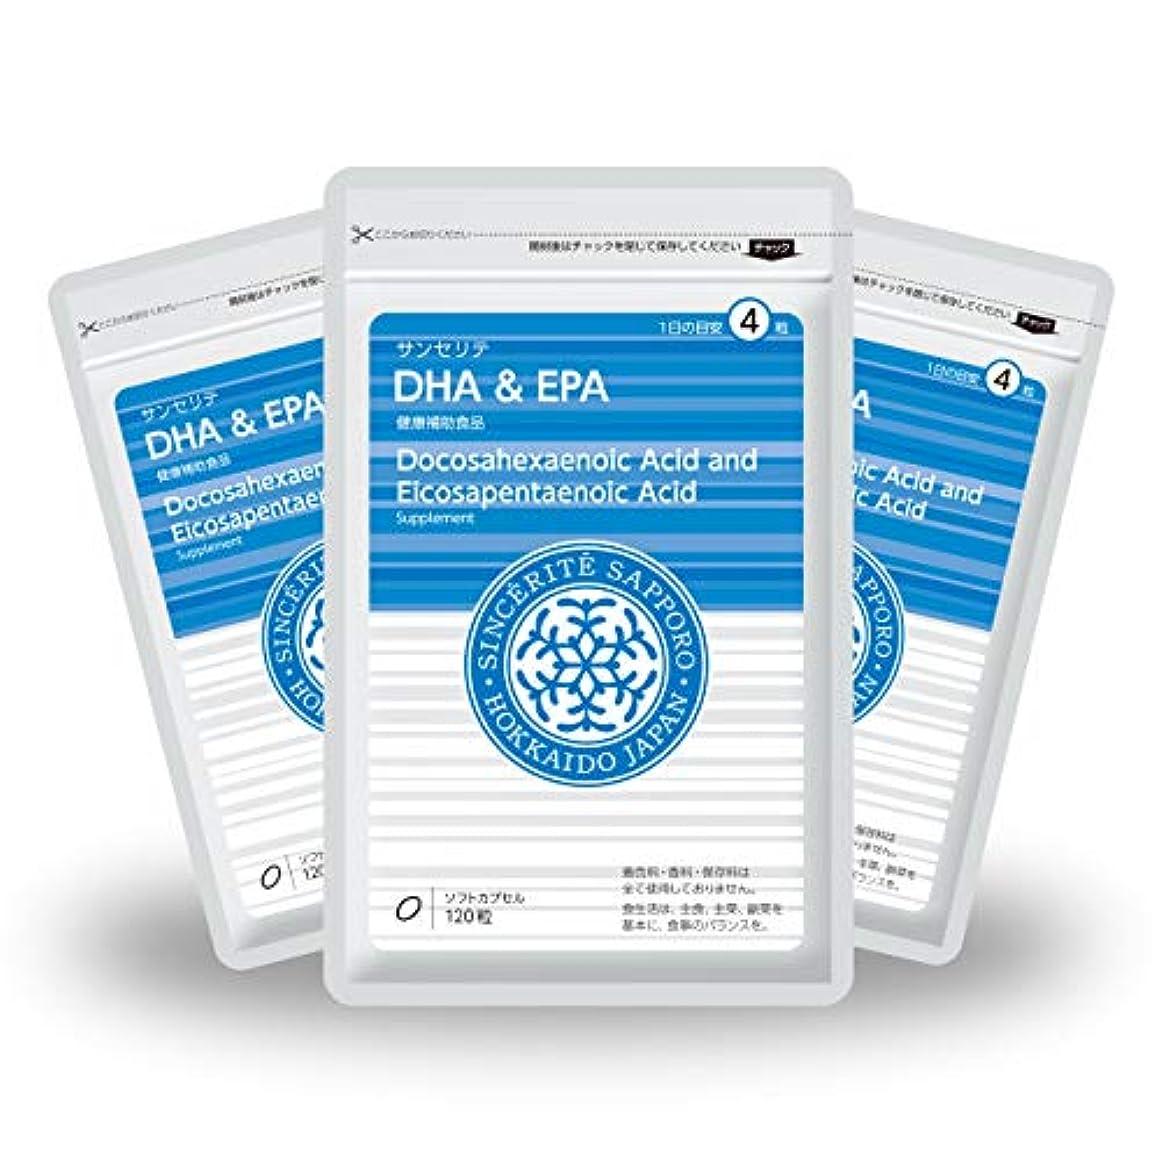 技術者有毒コントラストDHA&EPA 3袋セット[送料無料][DHA]433mg配合[国内製造]お得な90日分